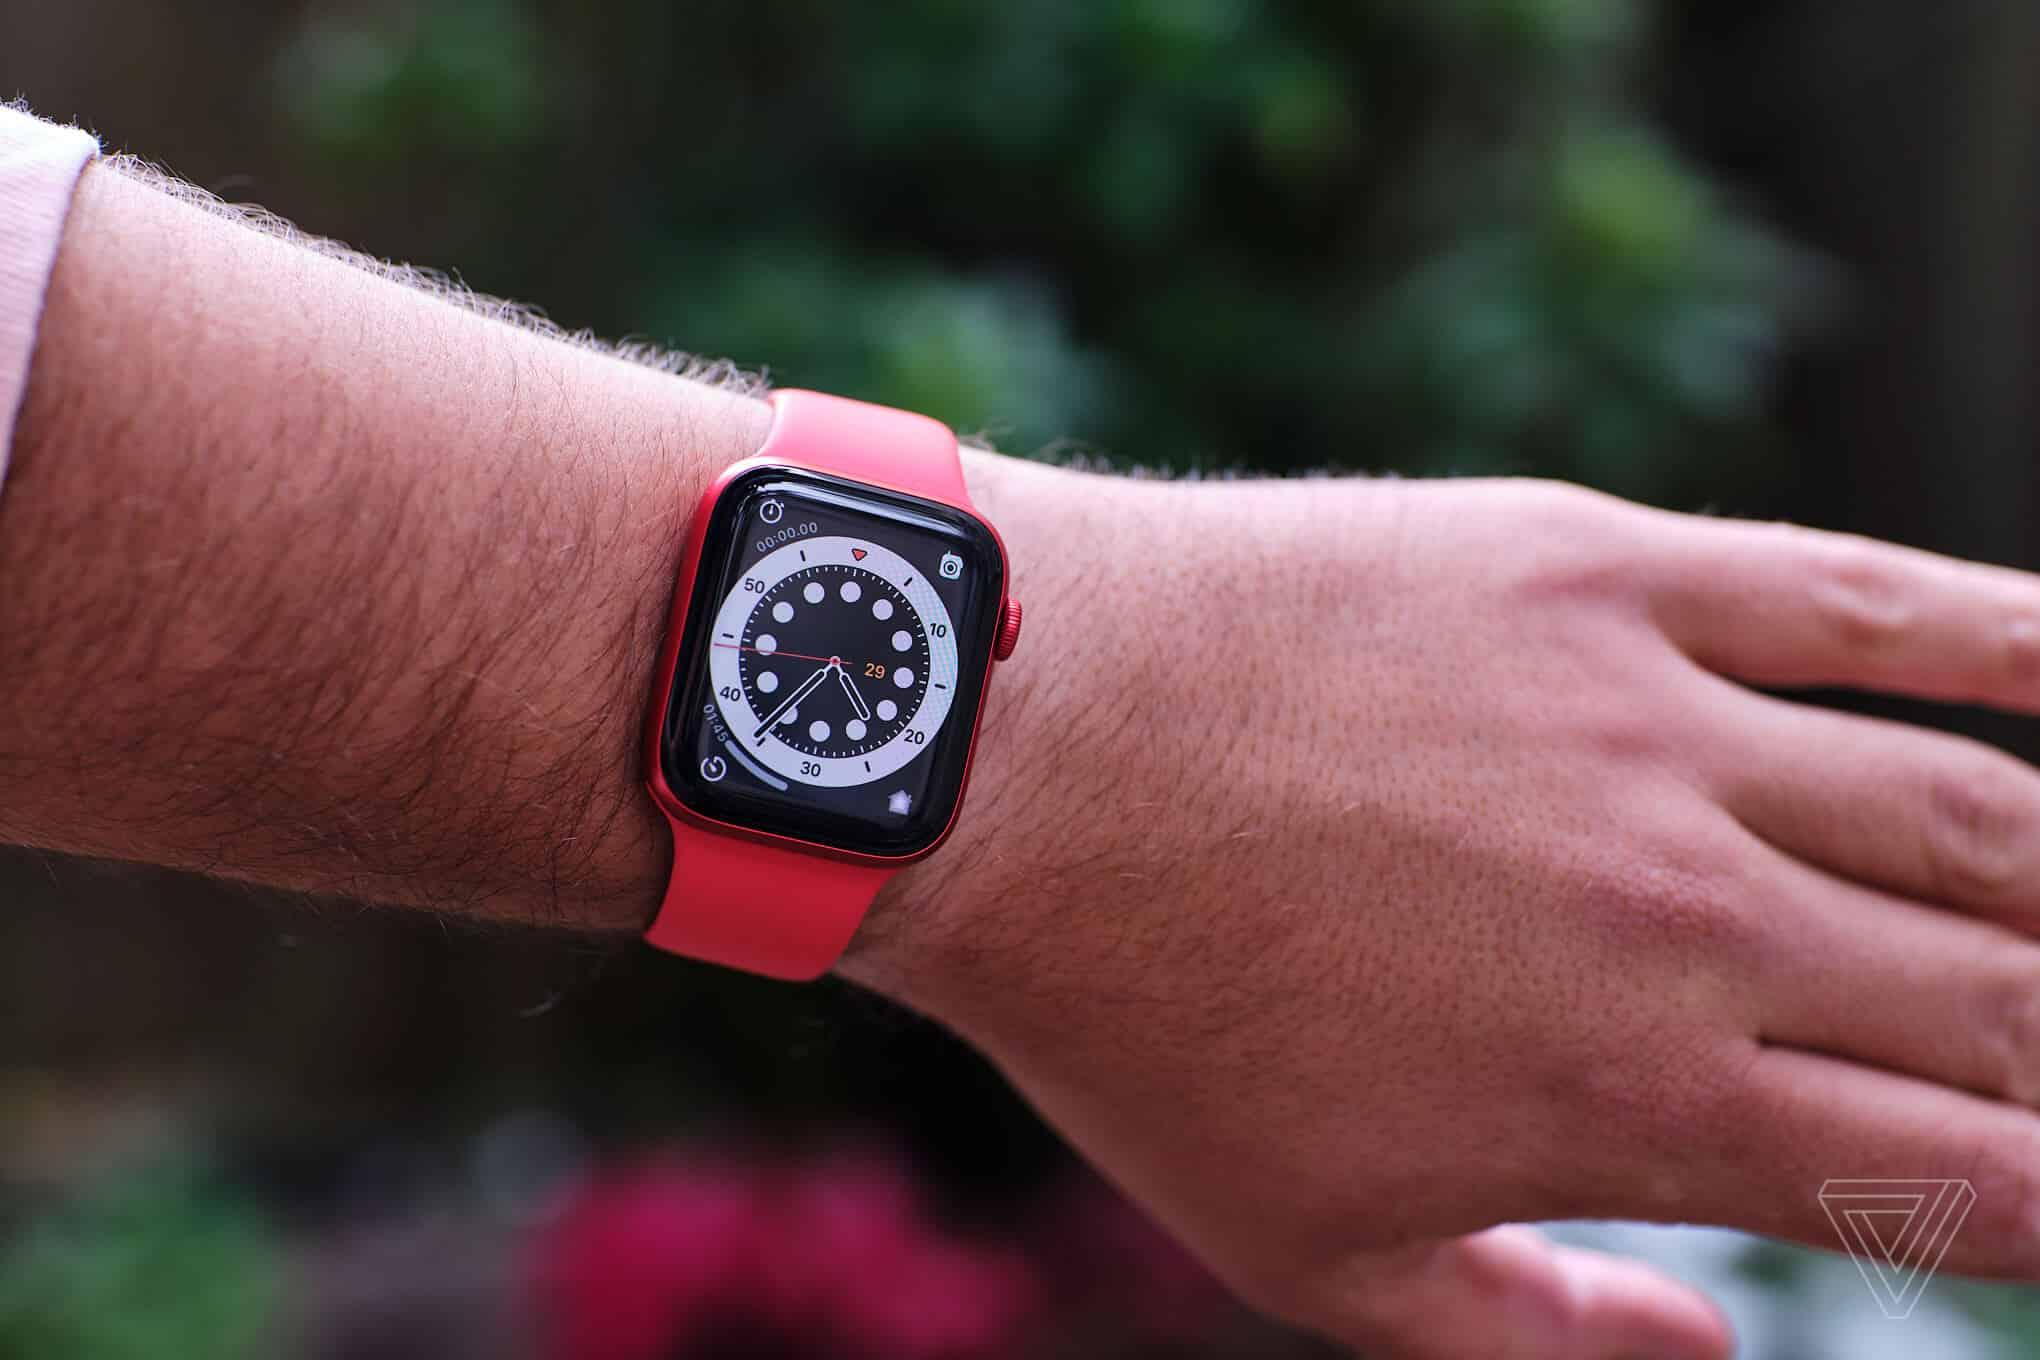 Đồng hồ Apple Watch Series 6 có kiểu dáng không thay đổi nhiều so với các thế hệ trước